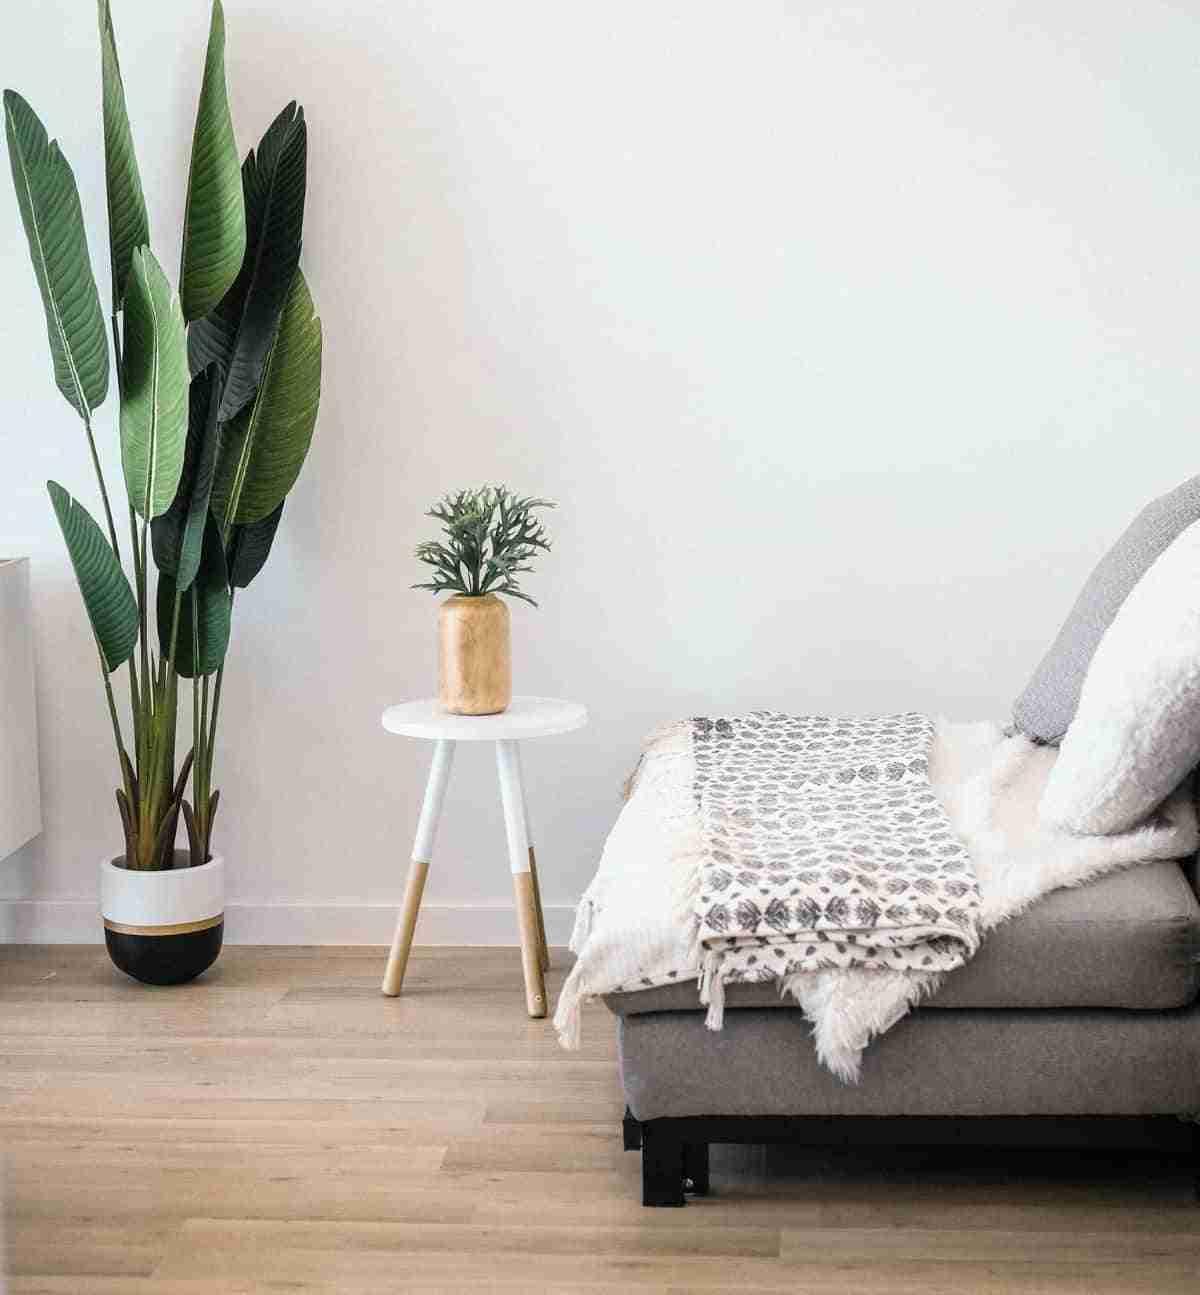 mejores plantas para interiores